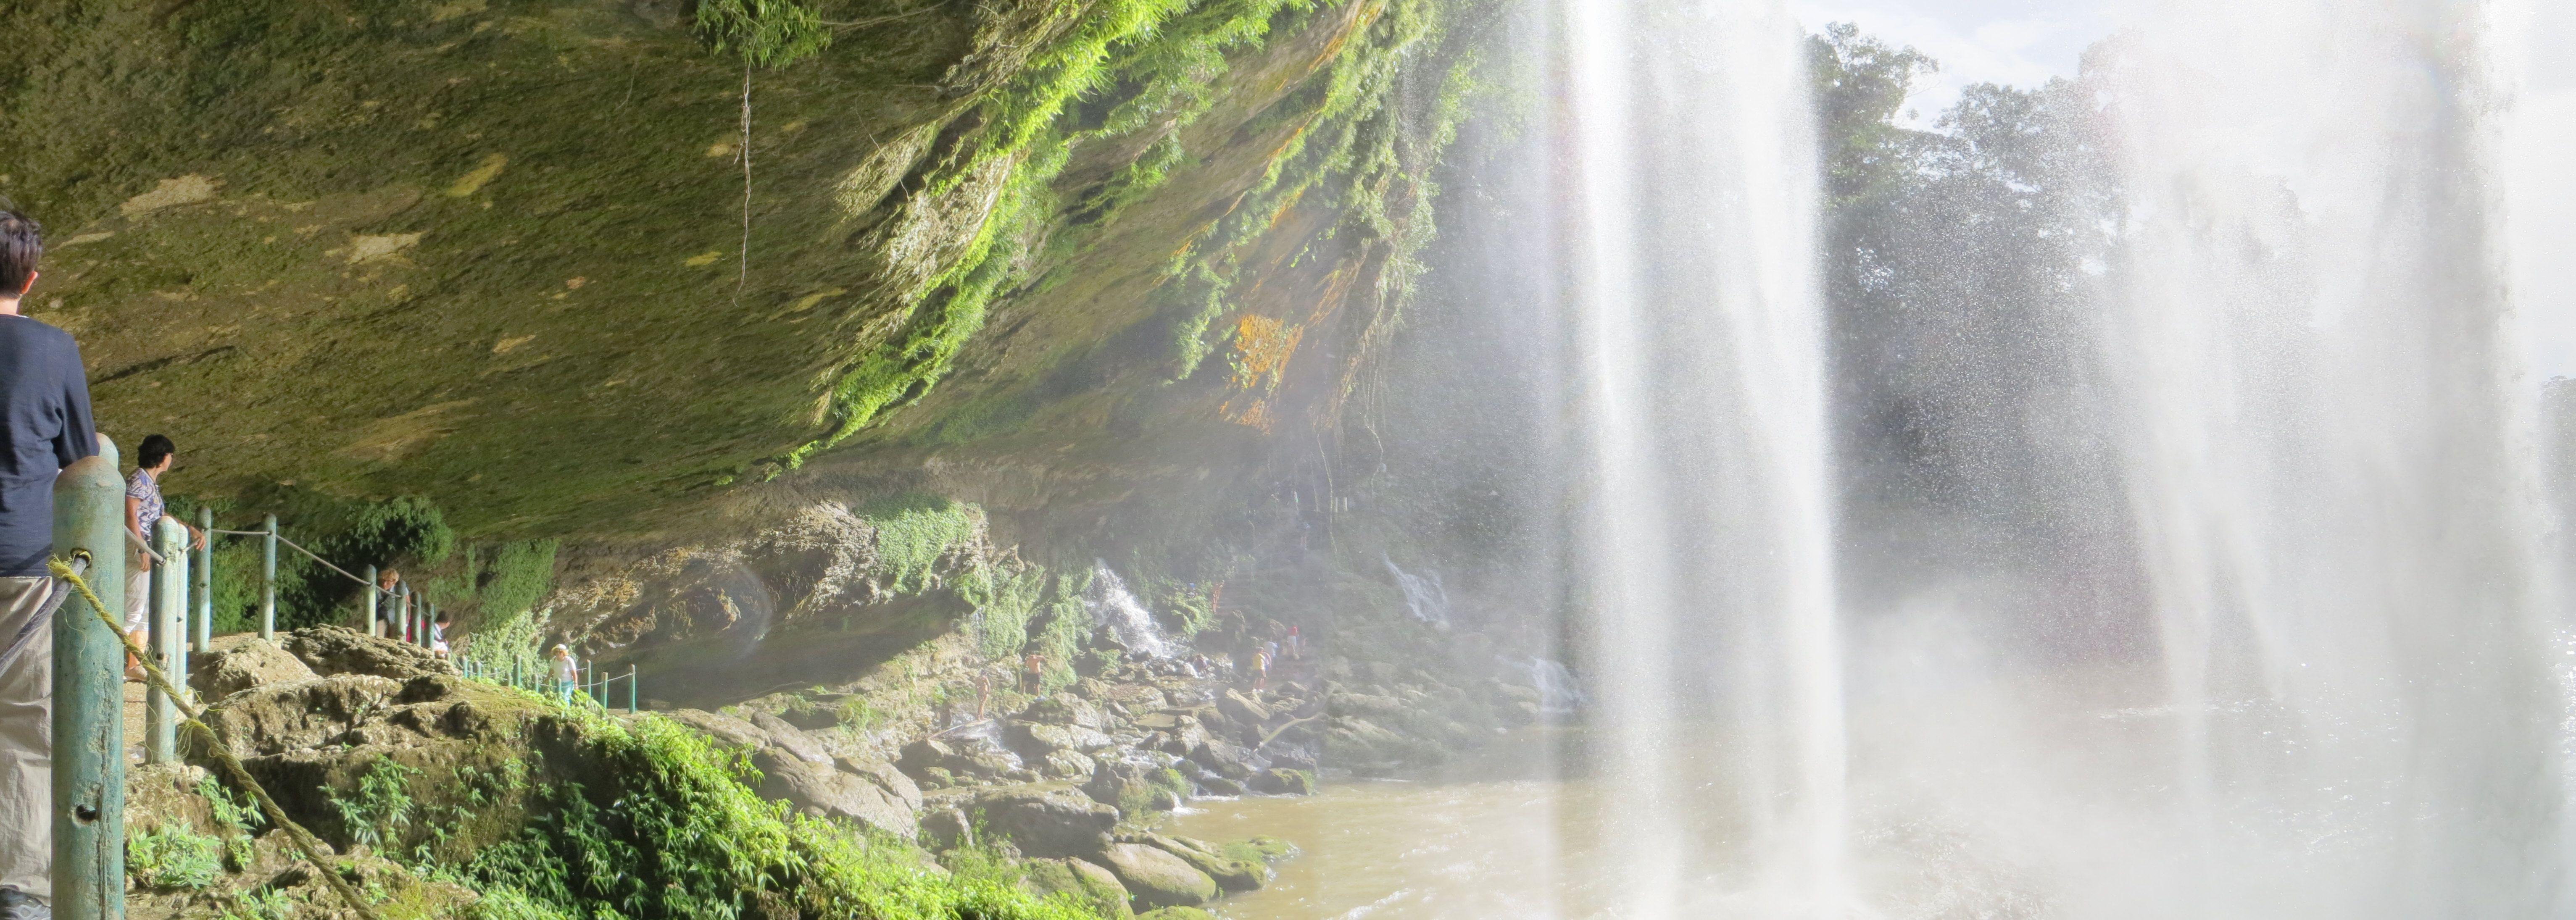 Cascada De Misol Ha Ciapas Mexico Cascadas Fotografias De